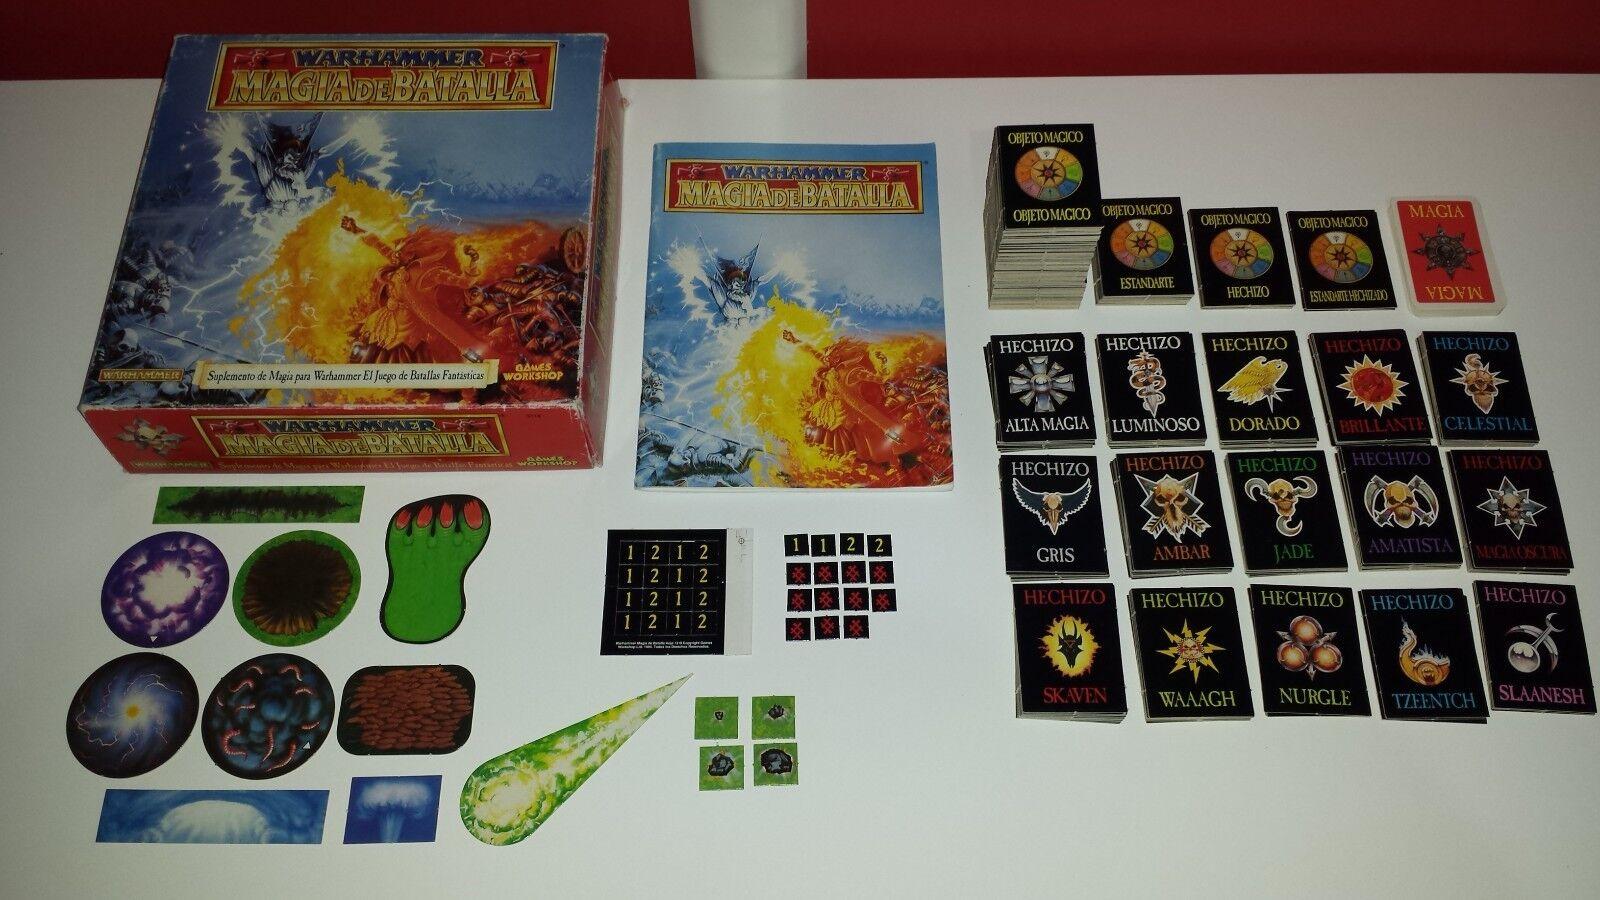 Suplemento WARHAMMER MAGIA DE  BADimensione giocos lavoronegozio Referencia 3118 ©1993  disegni esclusivi